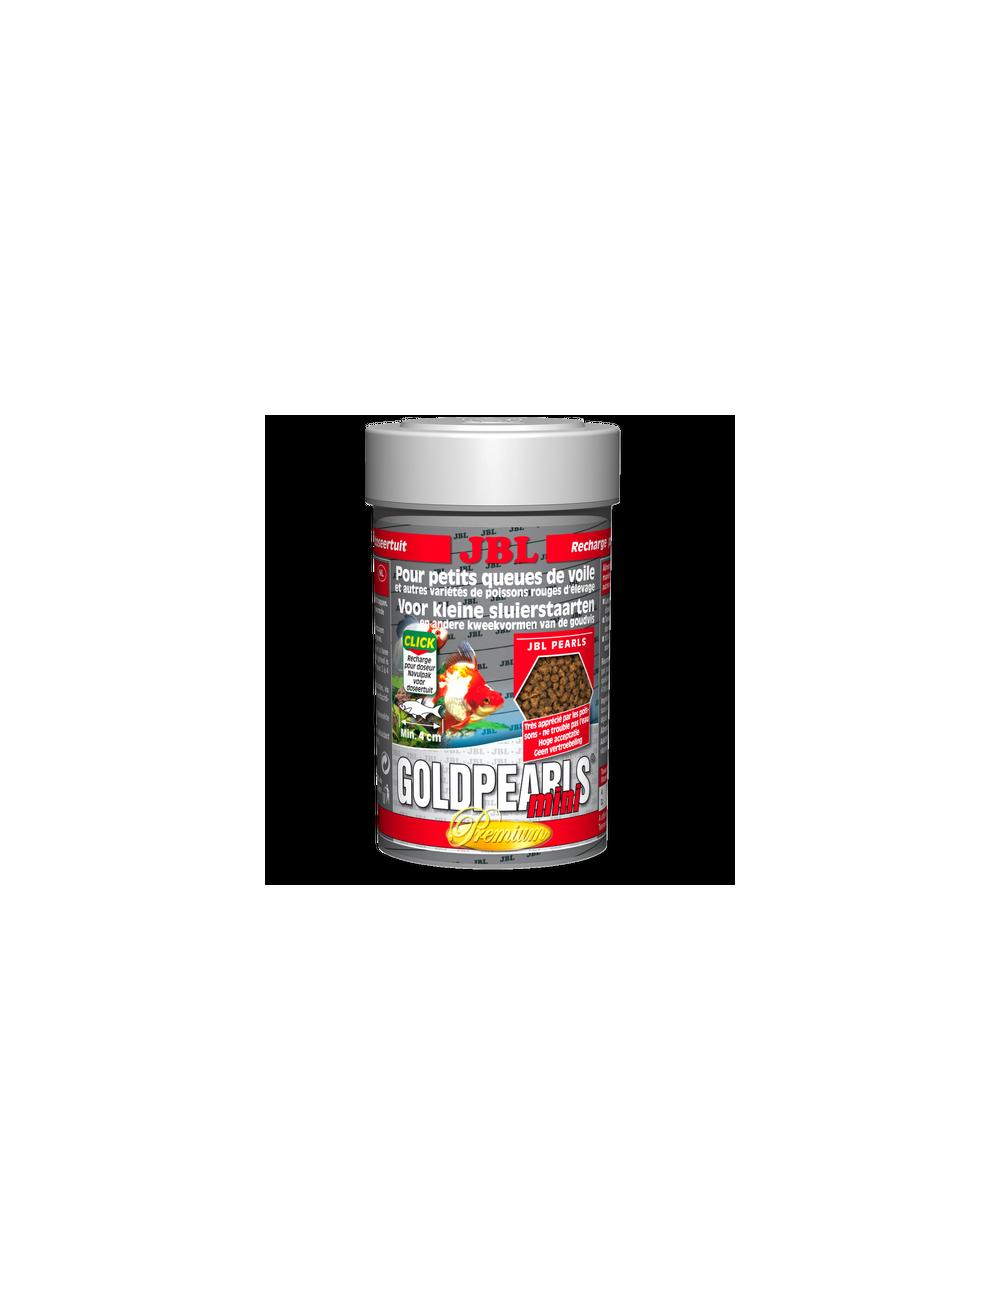 JBL - GoldPearls mini - 100 ml - Aliment complet Premium en granulés pour petits Voiles de Chine